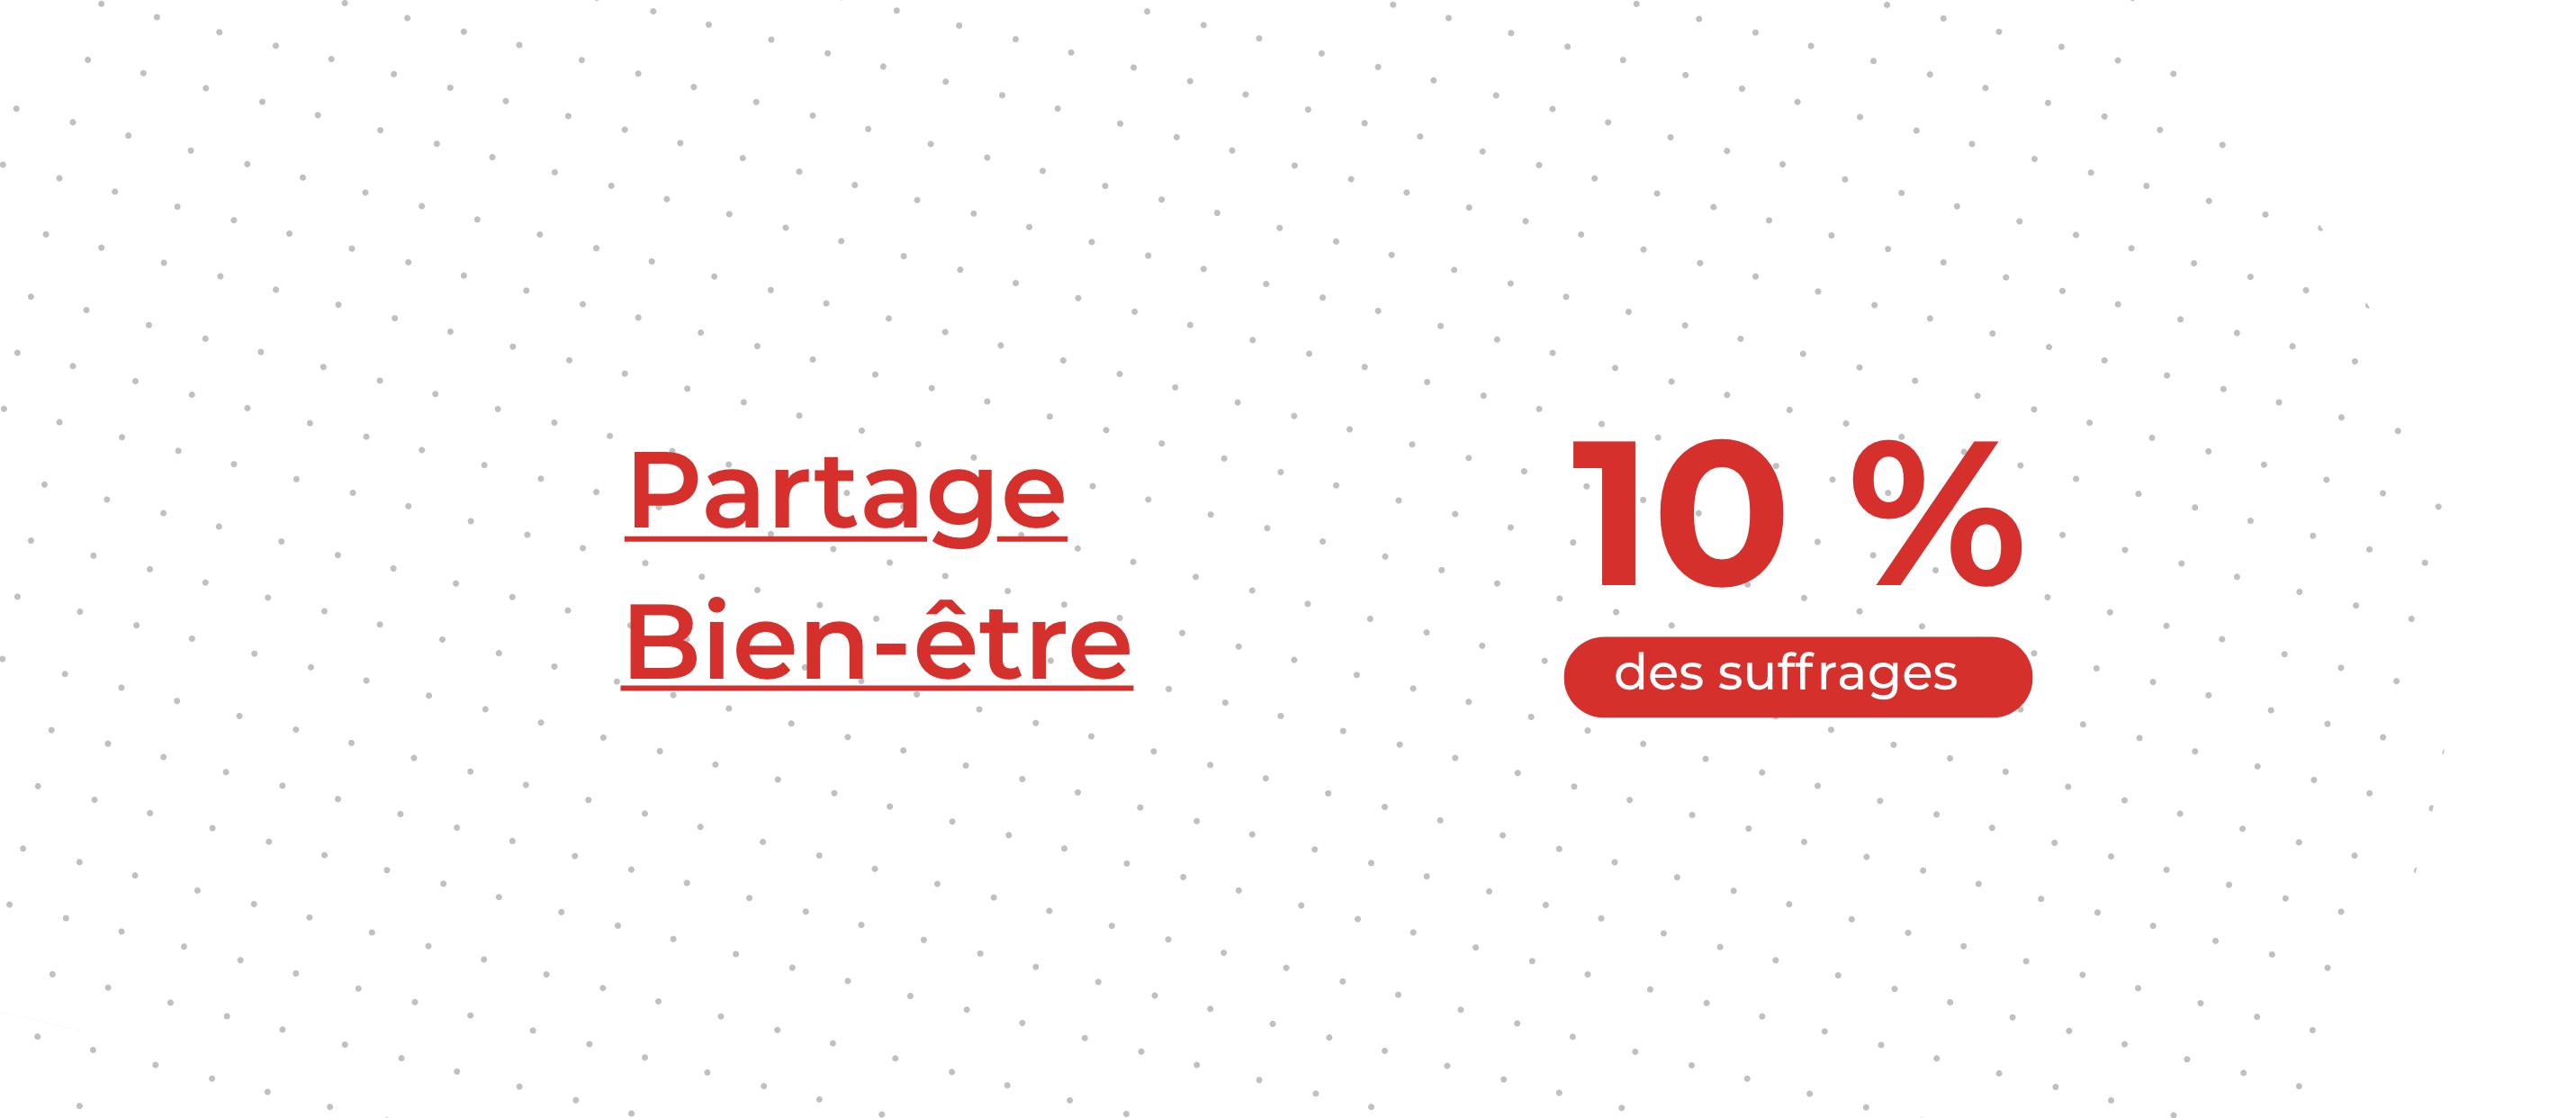 image-edition-mots-chiffres-cles-brochure-CSE-Siege-Banque-de-France-agence-conseil-en-communication-Letb-synergie